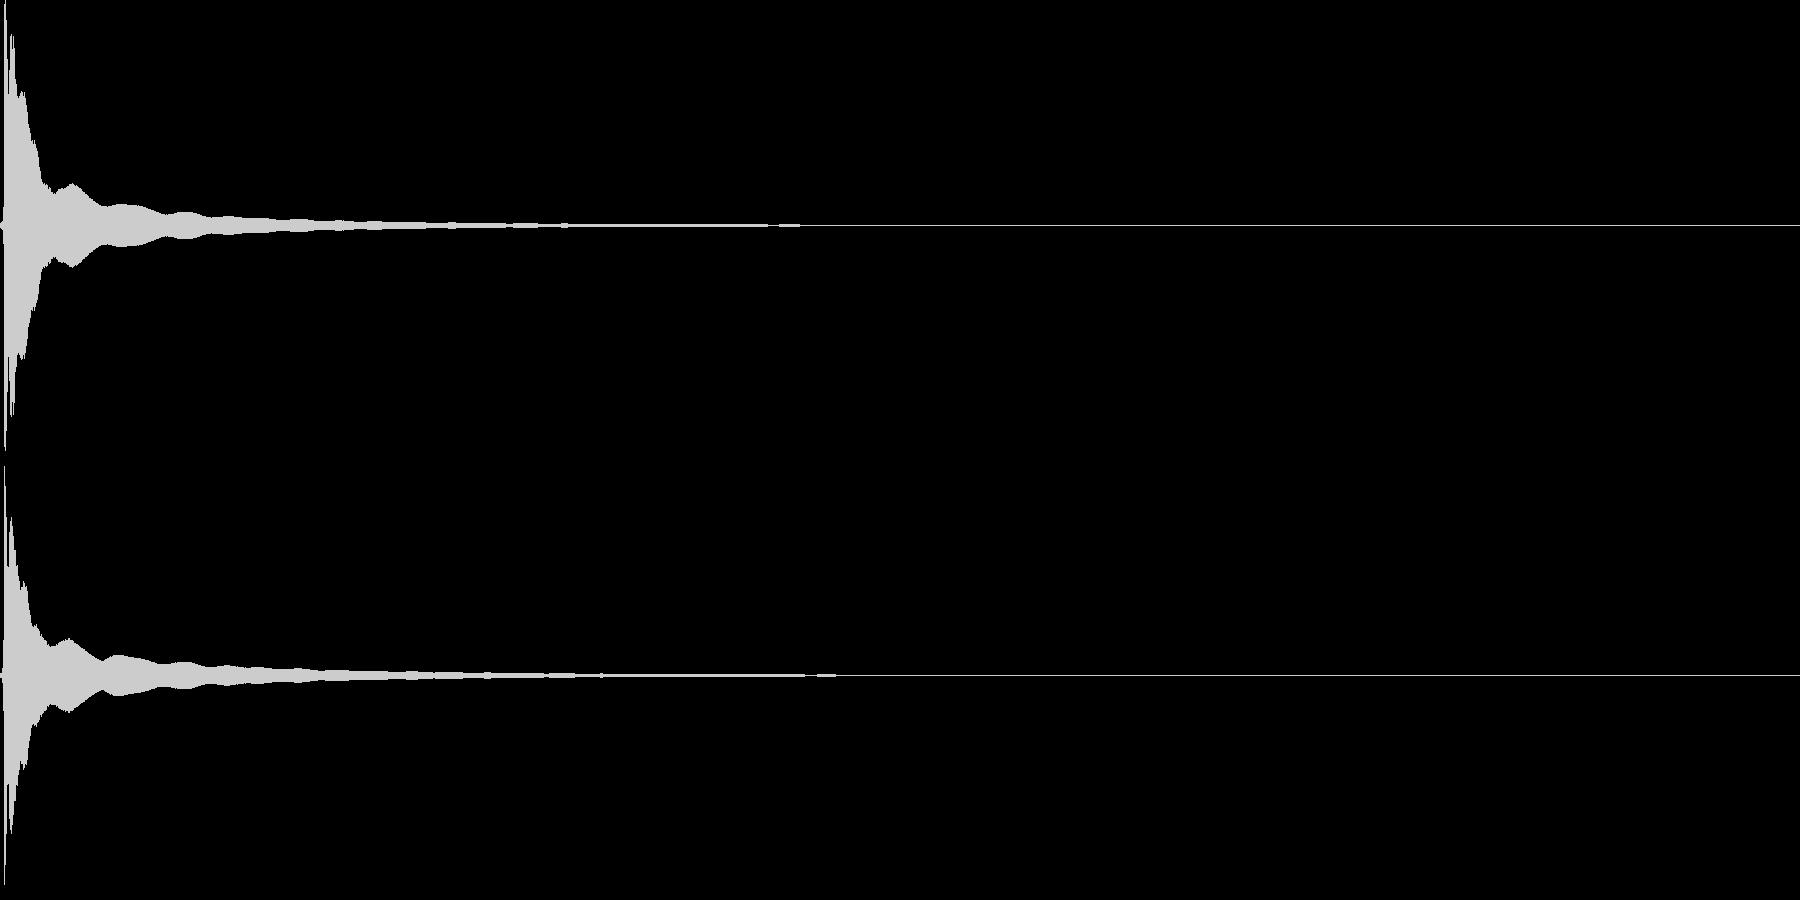 チーン(自転車のベル)1回【生録音】の未再生の波形